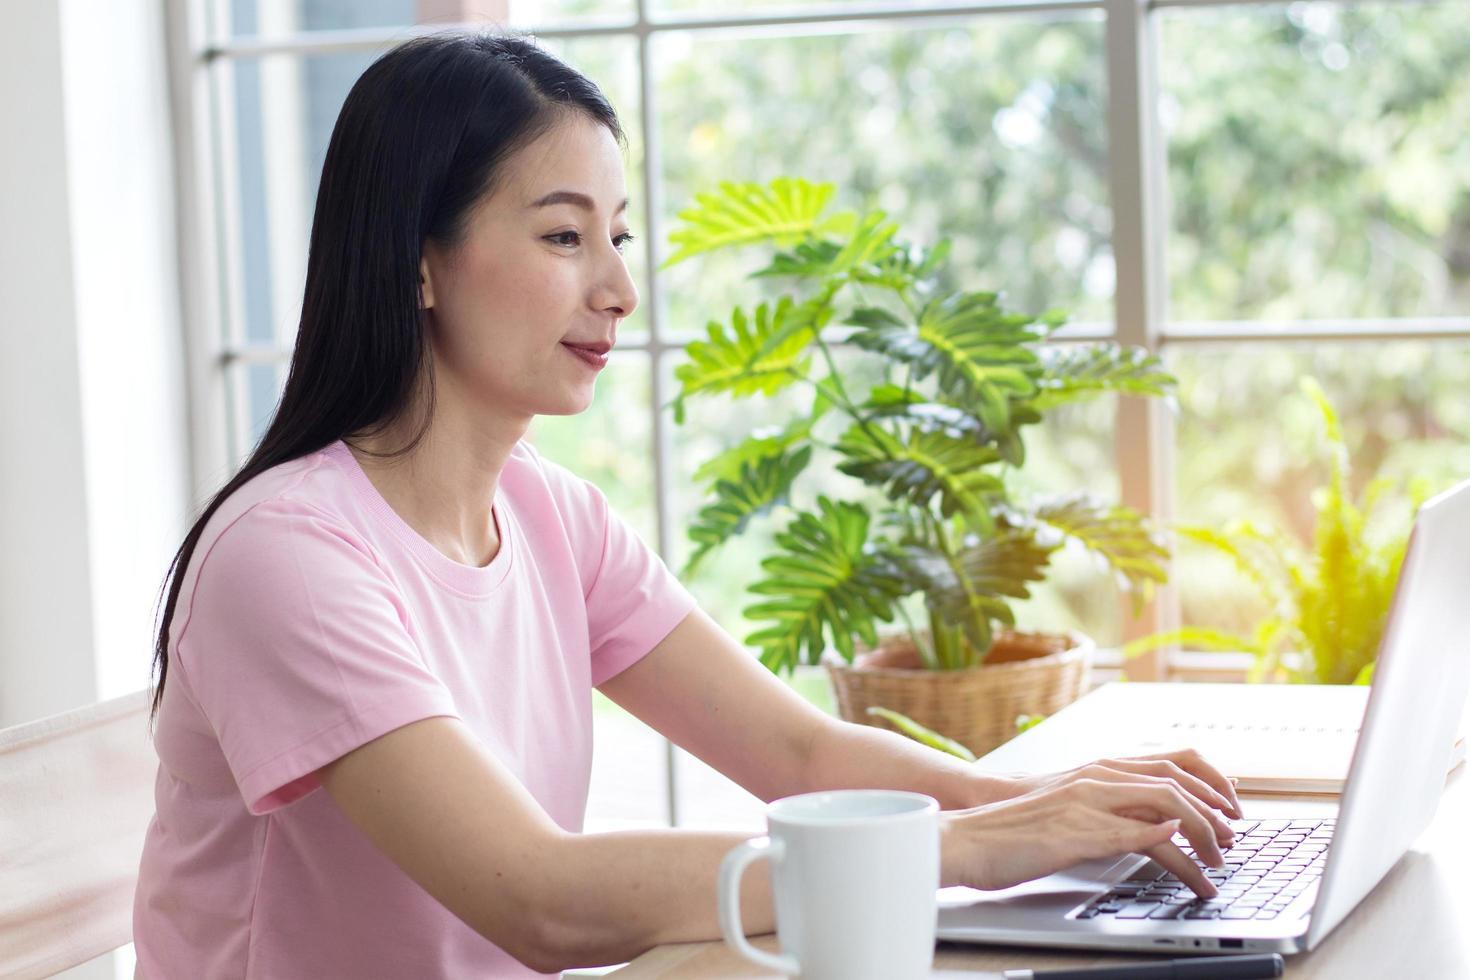 asiatische Frau, die an ihrem Laptop arbeitet foto